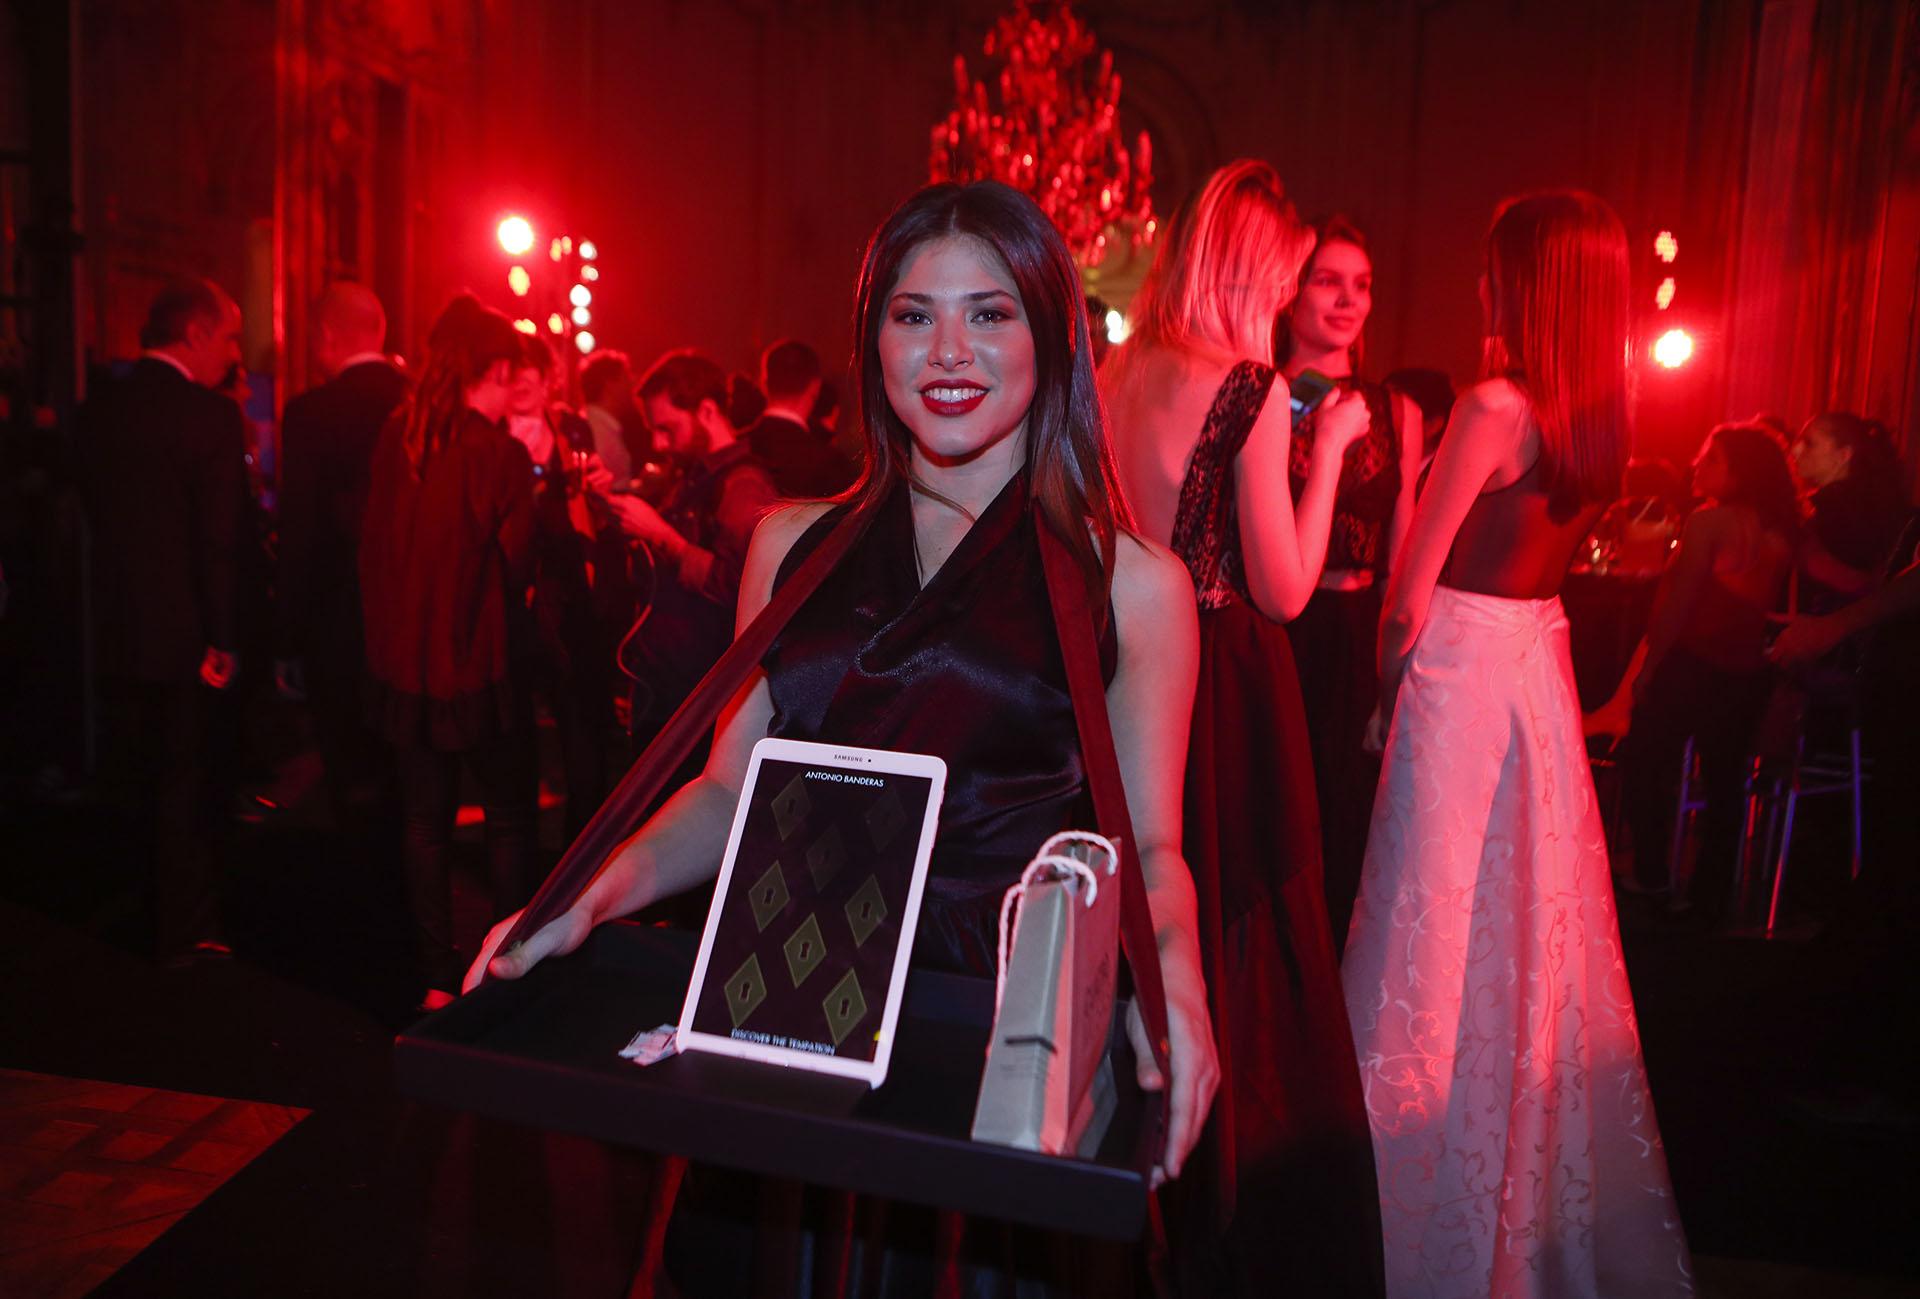 Los exclusivos invitados probaron suerte con el código de la llave que recibieron junto con la invitación y con la que tenían la posibilidad de llevarse premios